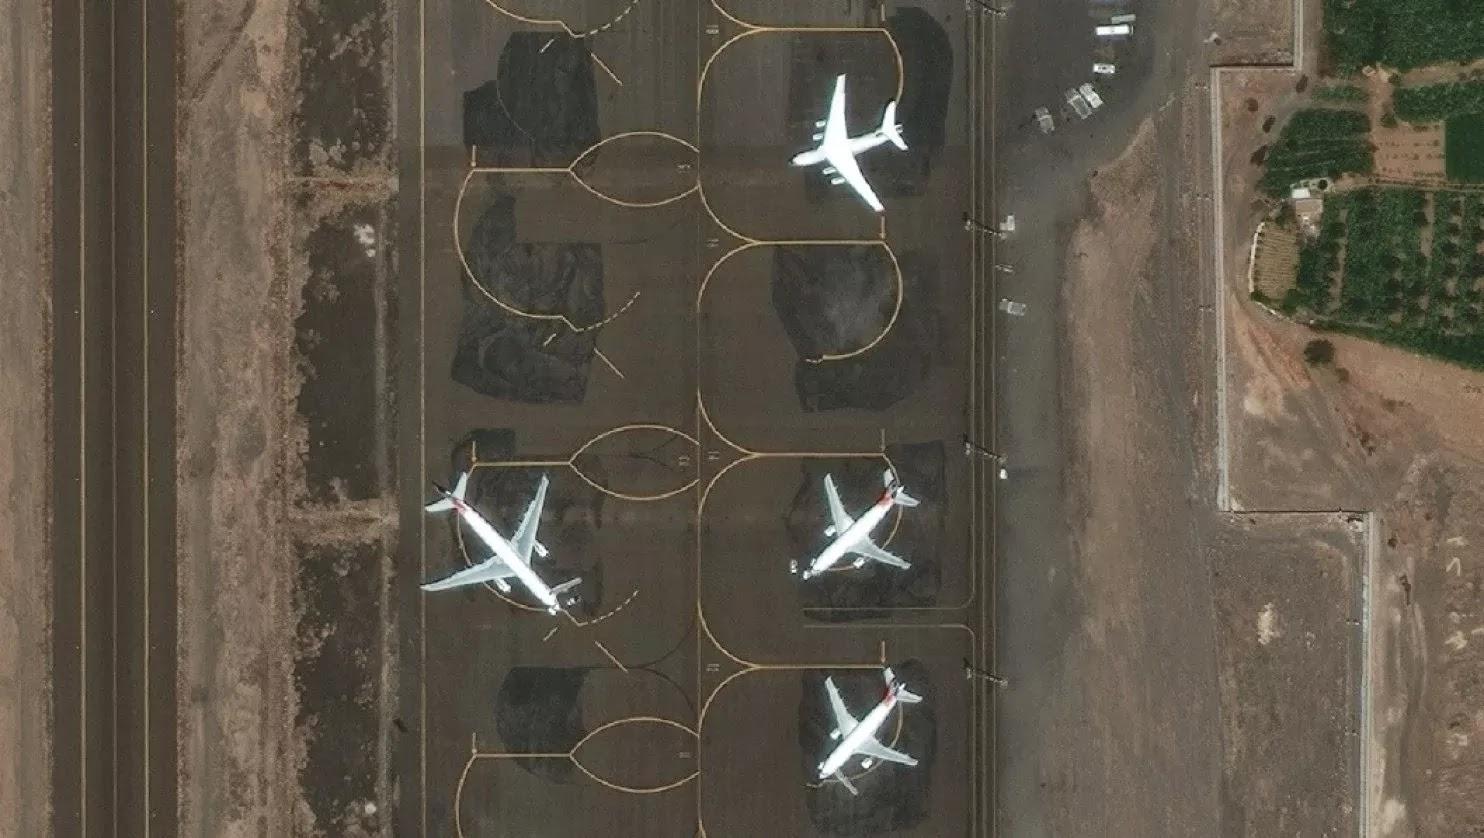 Aviões civis em uma outra parte do aeroporto, por sua vez, ficaram ilesos a partir de 27 de março